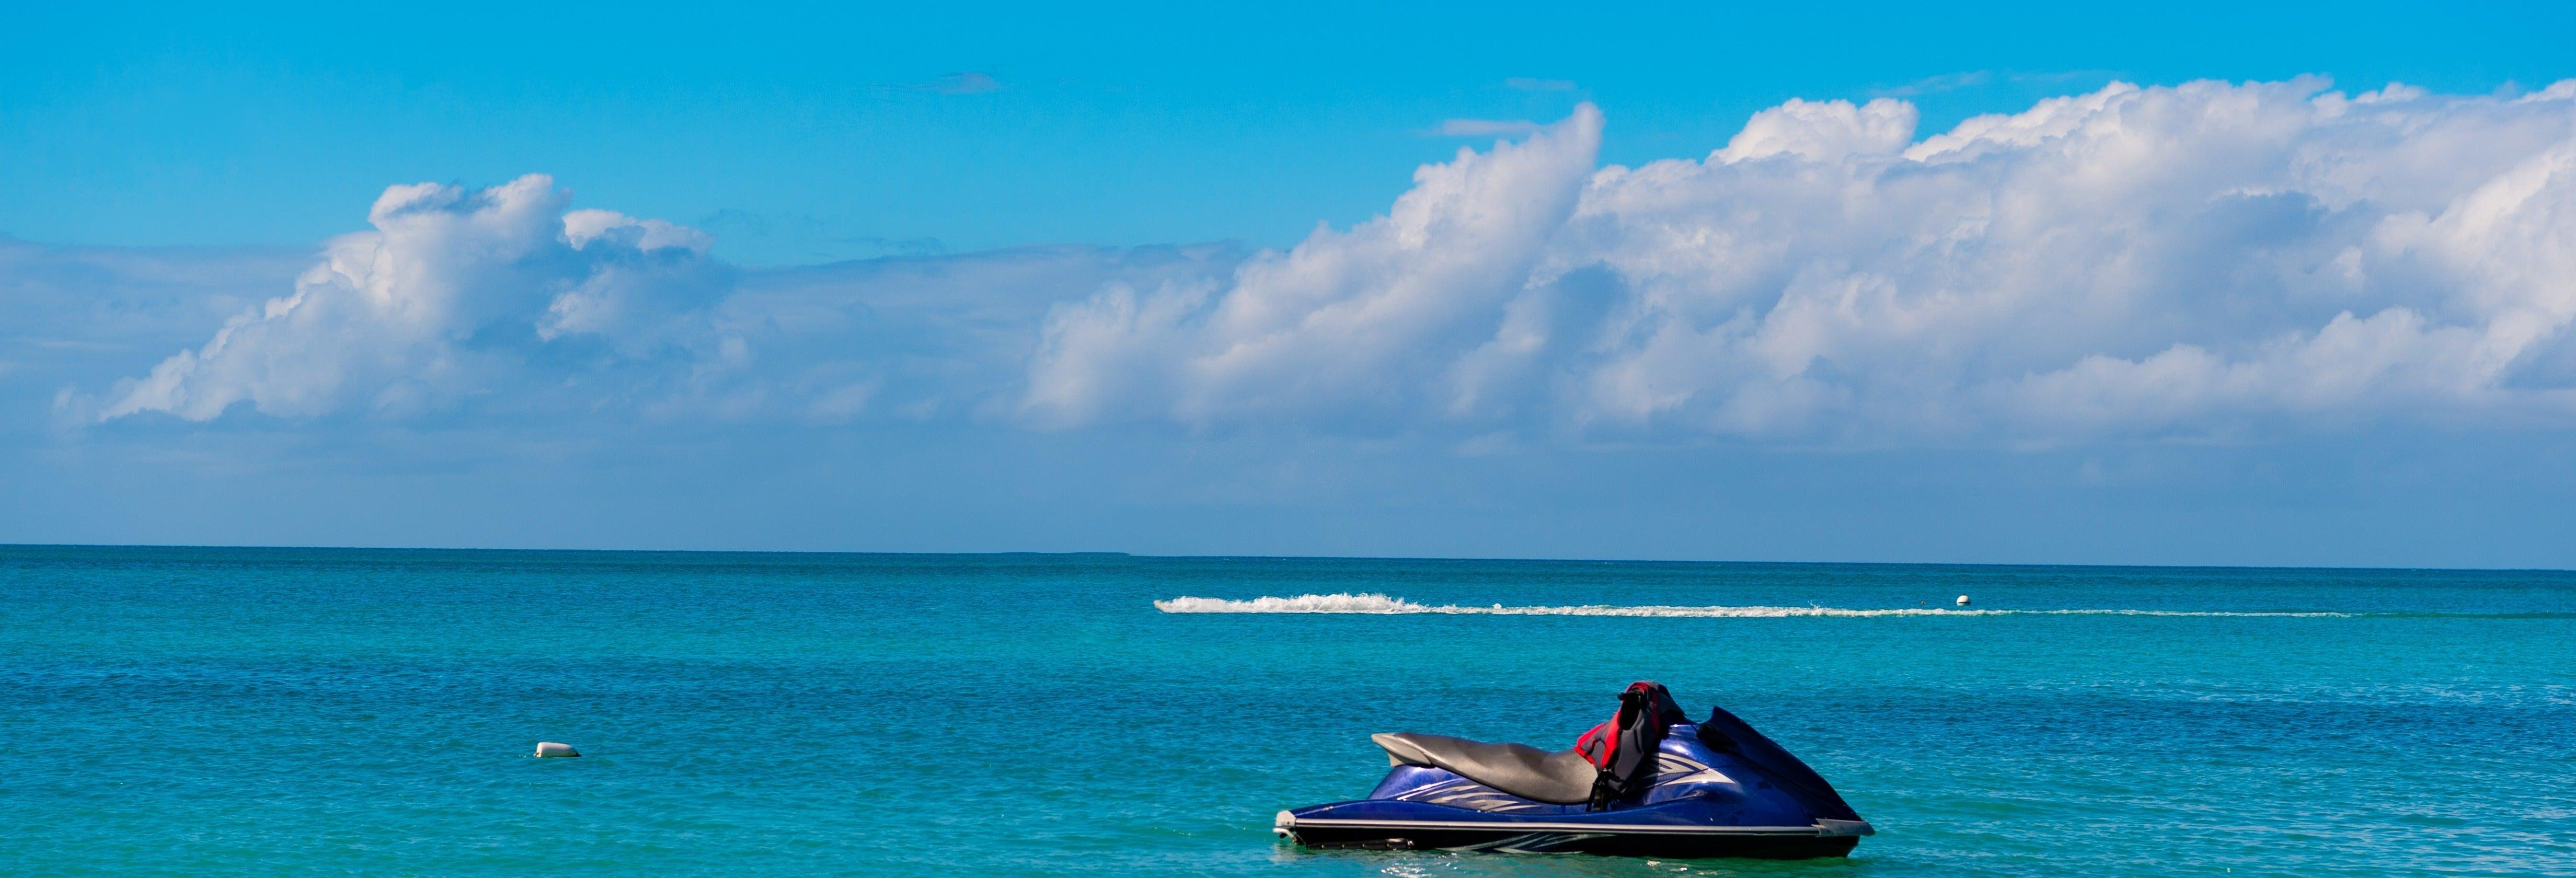 Alquiler de motos de agua en Miami